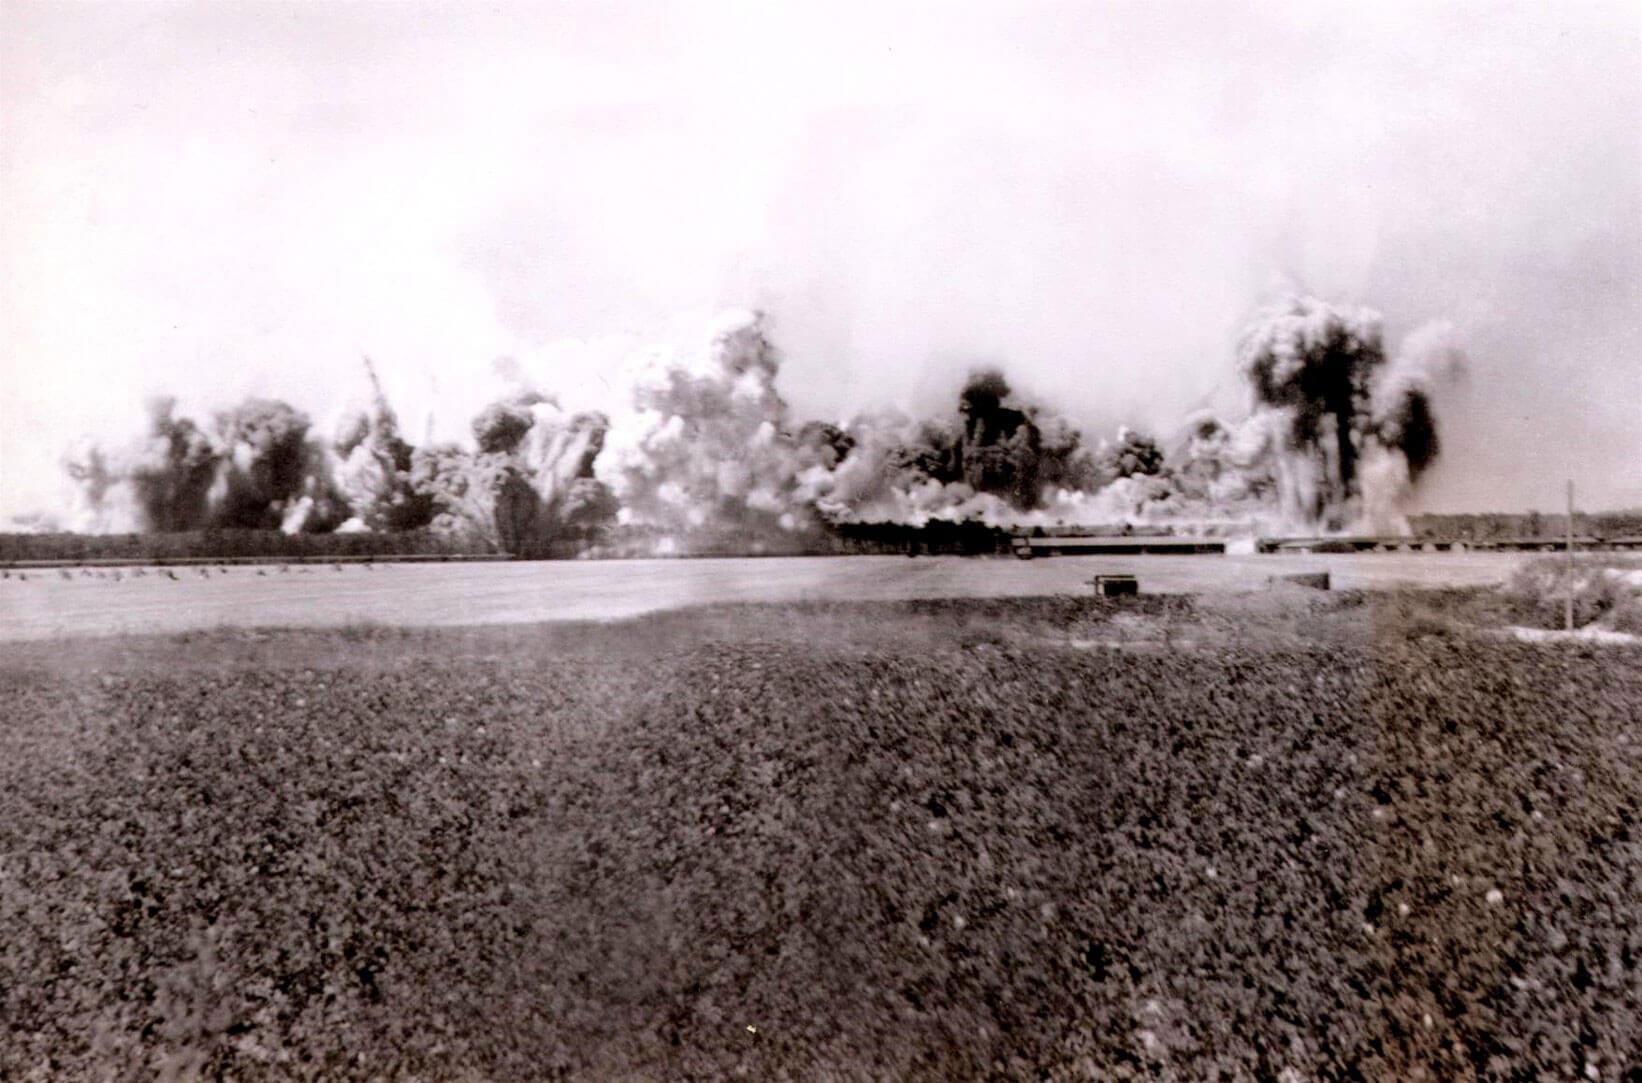 Luftangriff-ludwigsfelde-4